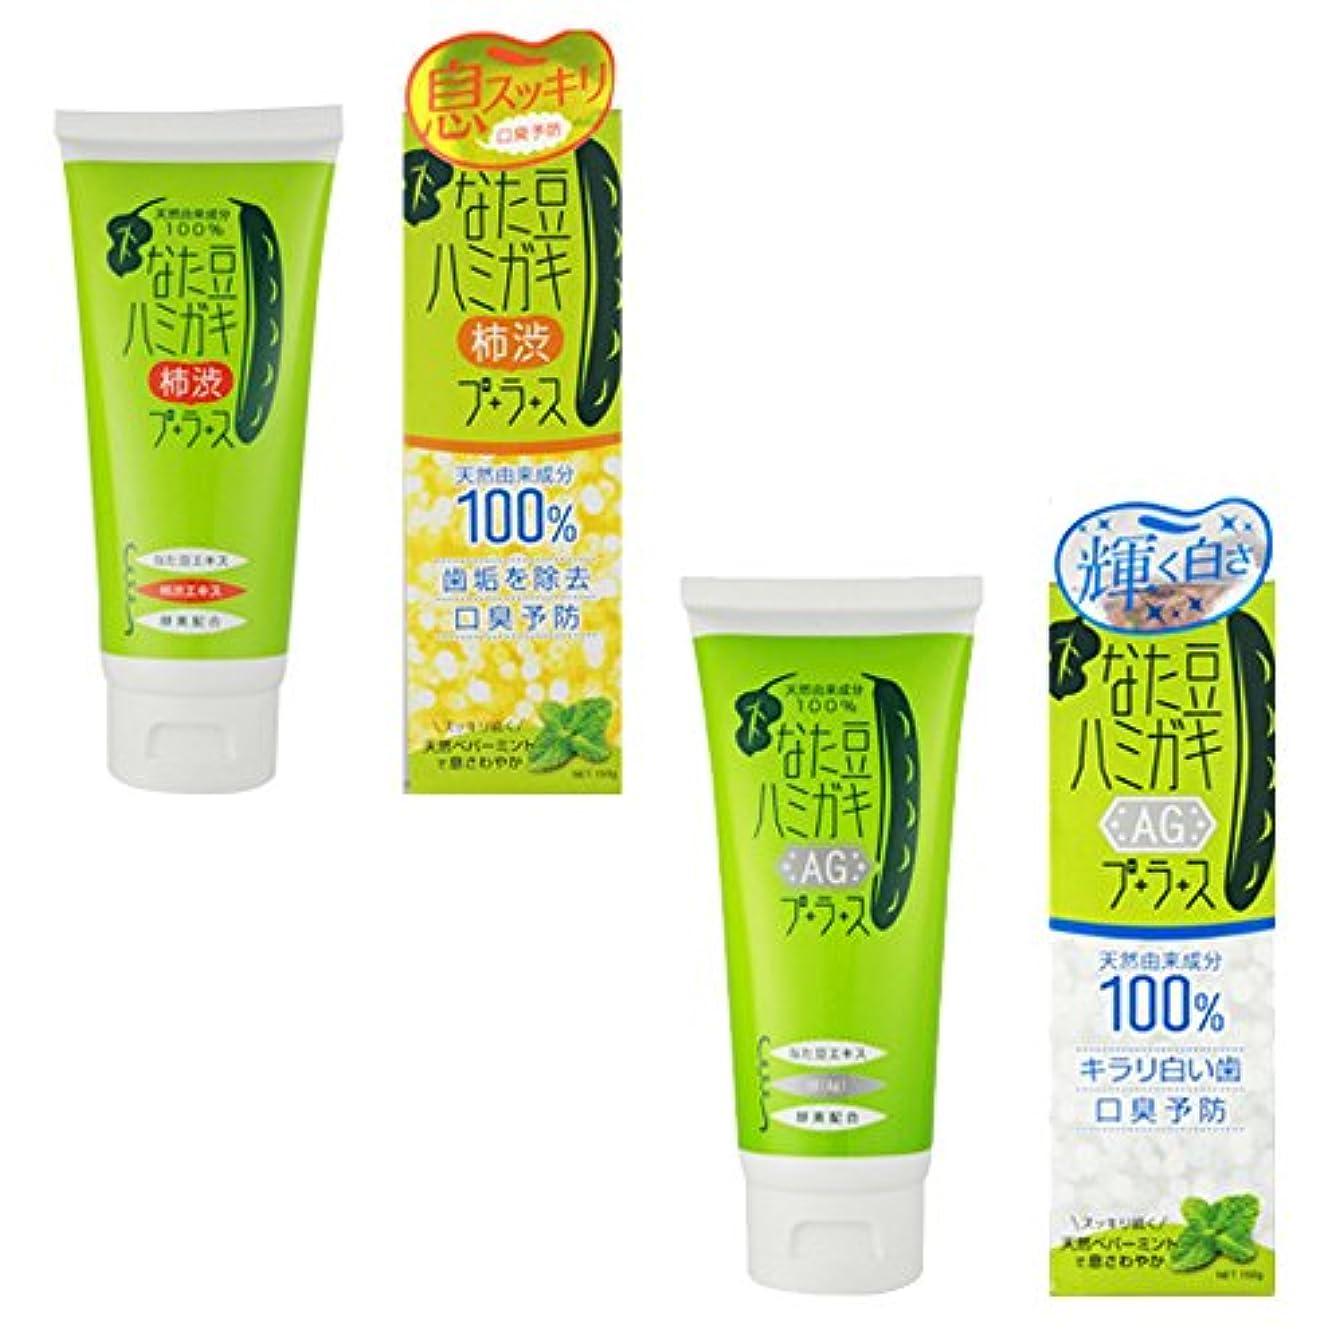 エコーオートメーション緩むなた豆ハミガキプラス 歯磨き粉 口臭対策 白い歯 ホワイトニング 虫歯予防 歯石 なたまめ (150g 柿渋1本&AG1本) nata-plus2-150g-kaki-ag